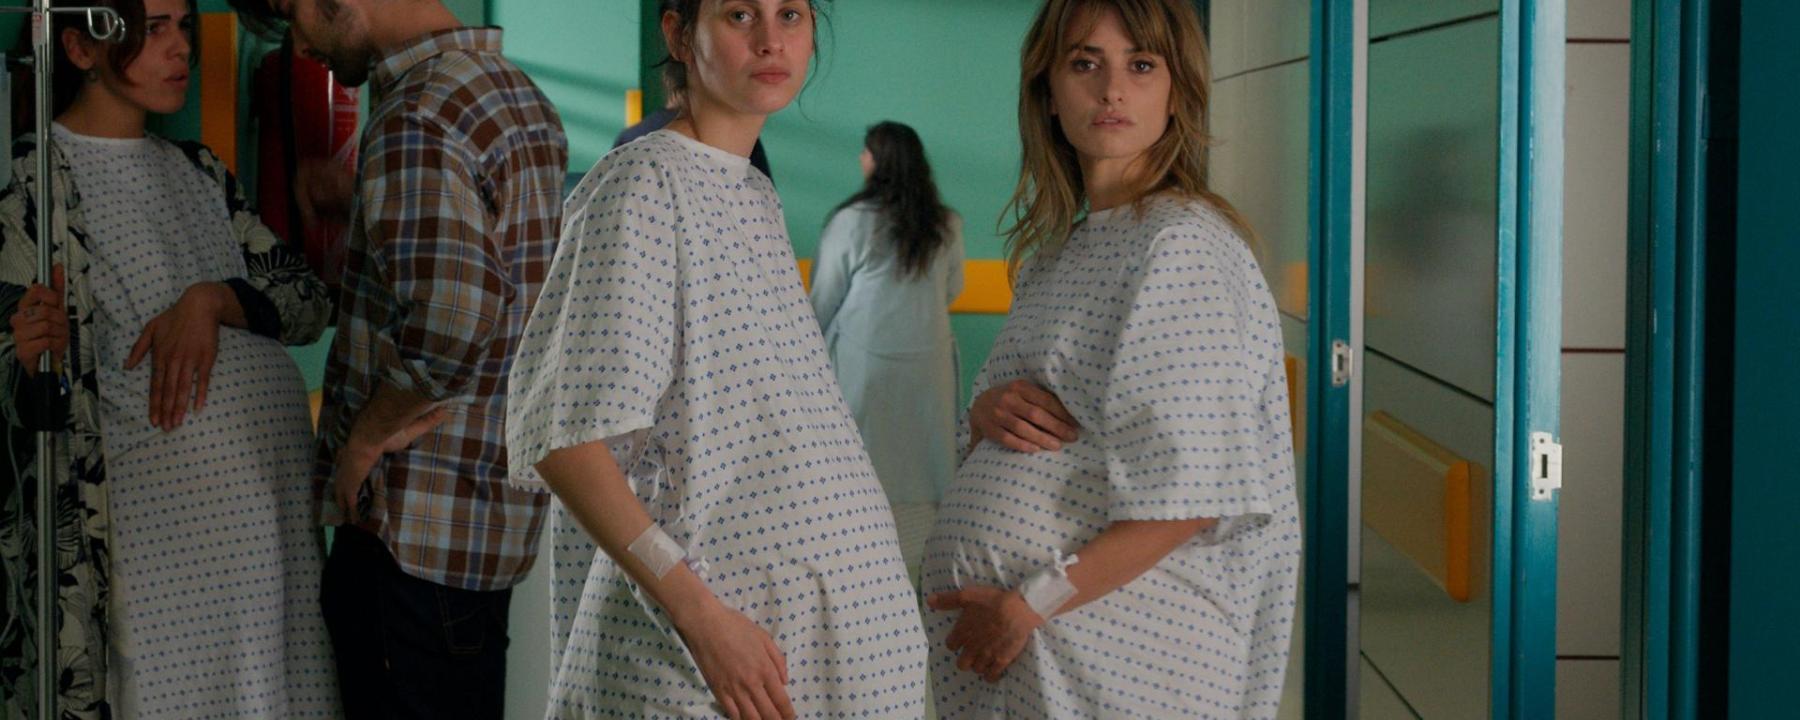 Así ha recibido la crítica a 'Madres paralelas', lo nuevo de Pedro Almodóvar